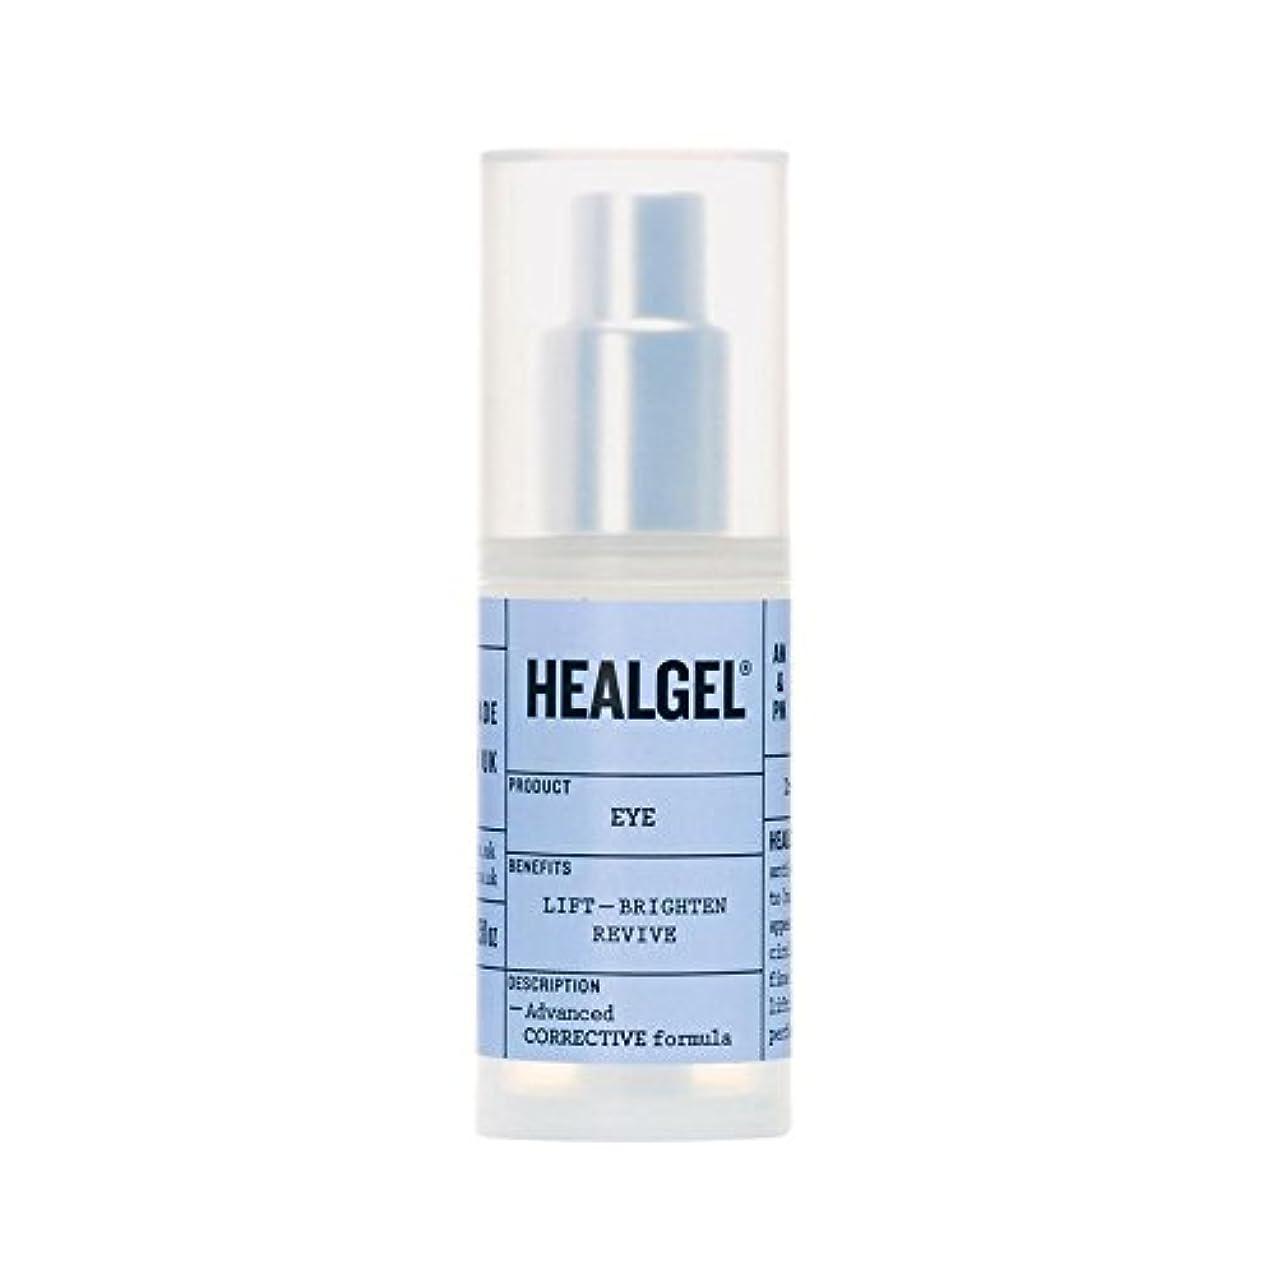 政府靴動員するゲル白眼式15ミリリットルを癒します x2 - Heal Gel Brightening Eye Formula 15ml (Pack of 2) [並行輸入品]